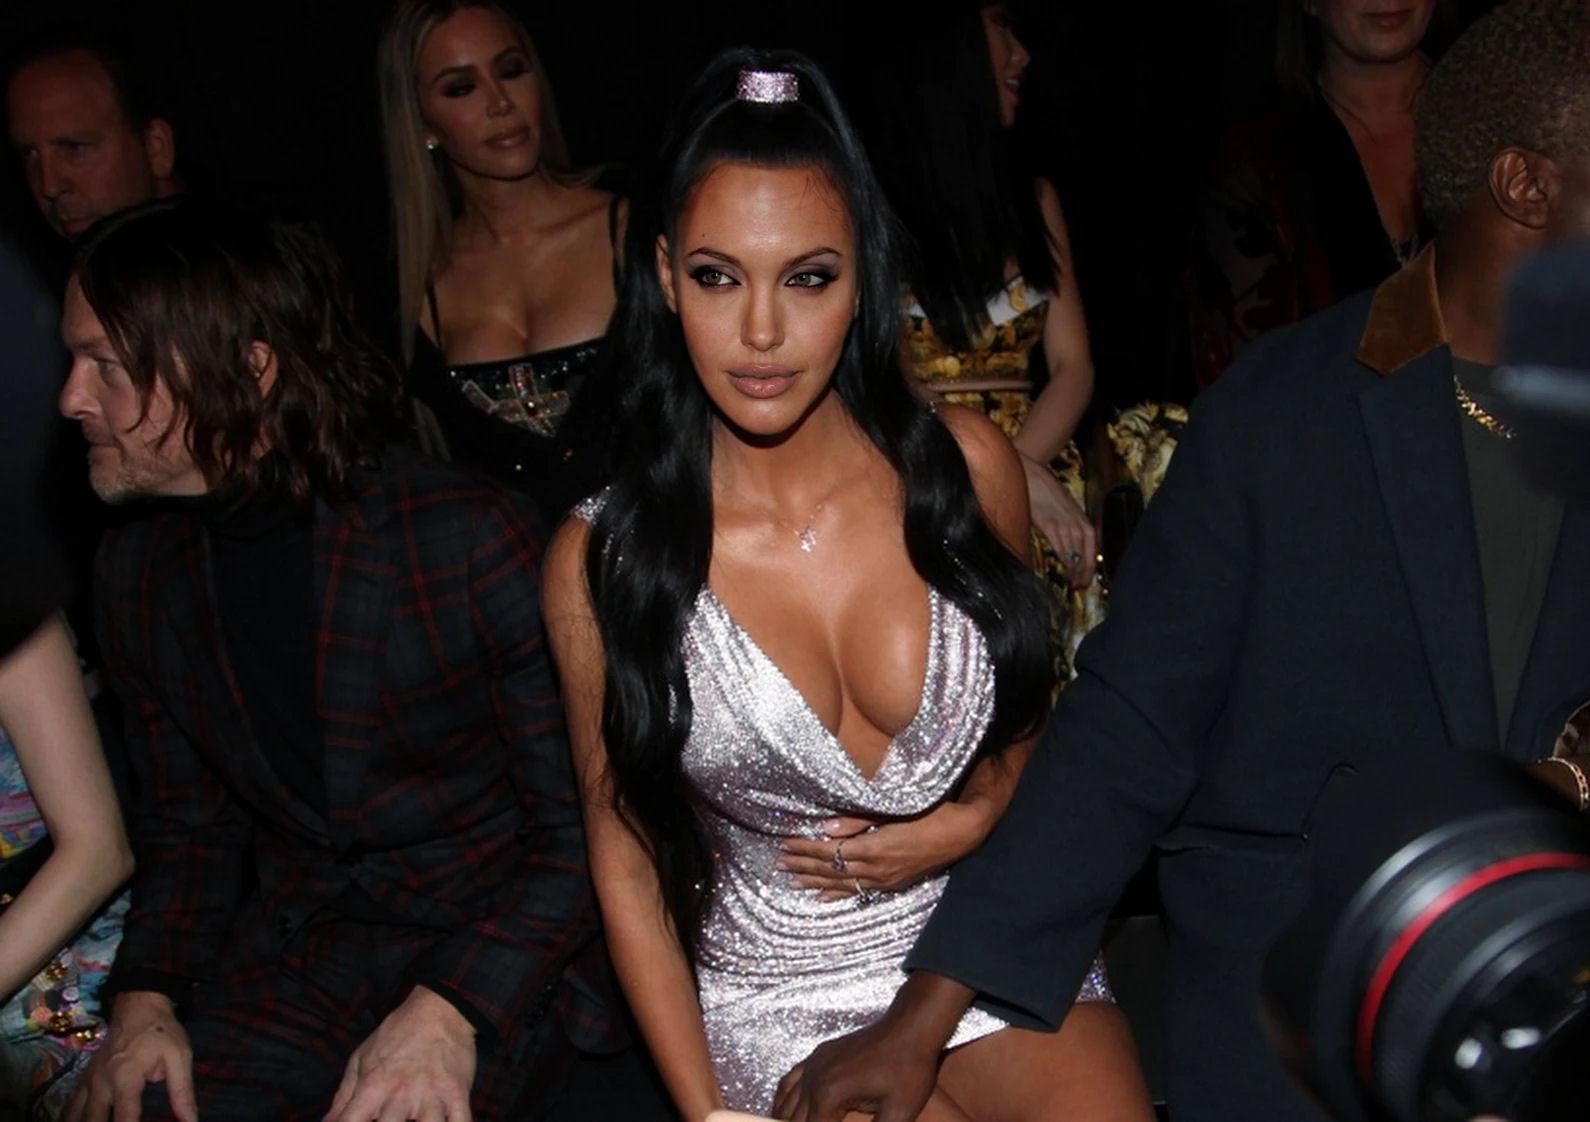 Angelina Jolie - Kim Kardashian Sexy style #3 by jmurdoch